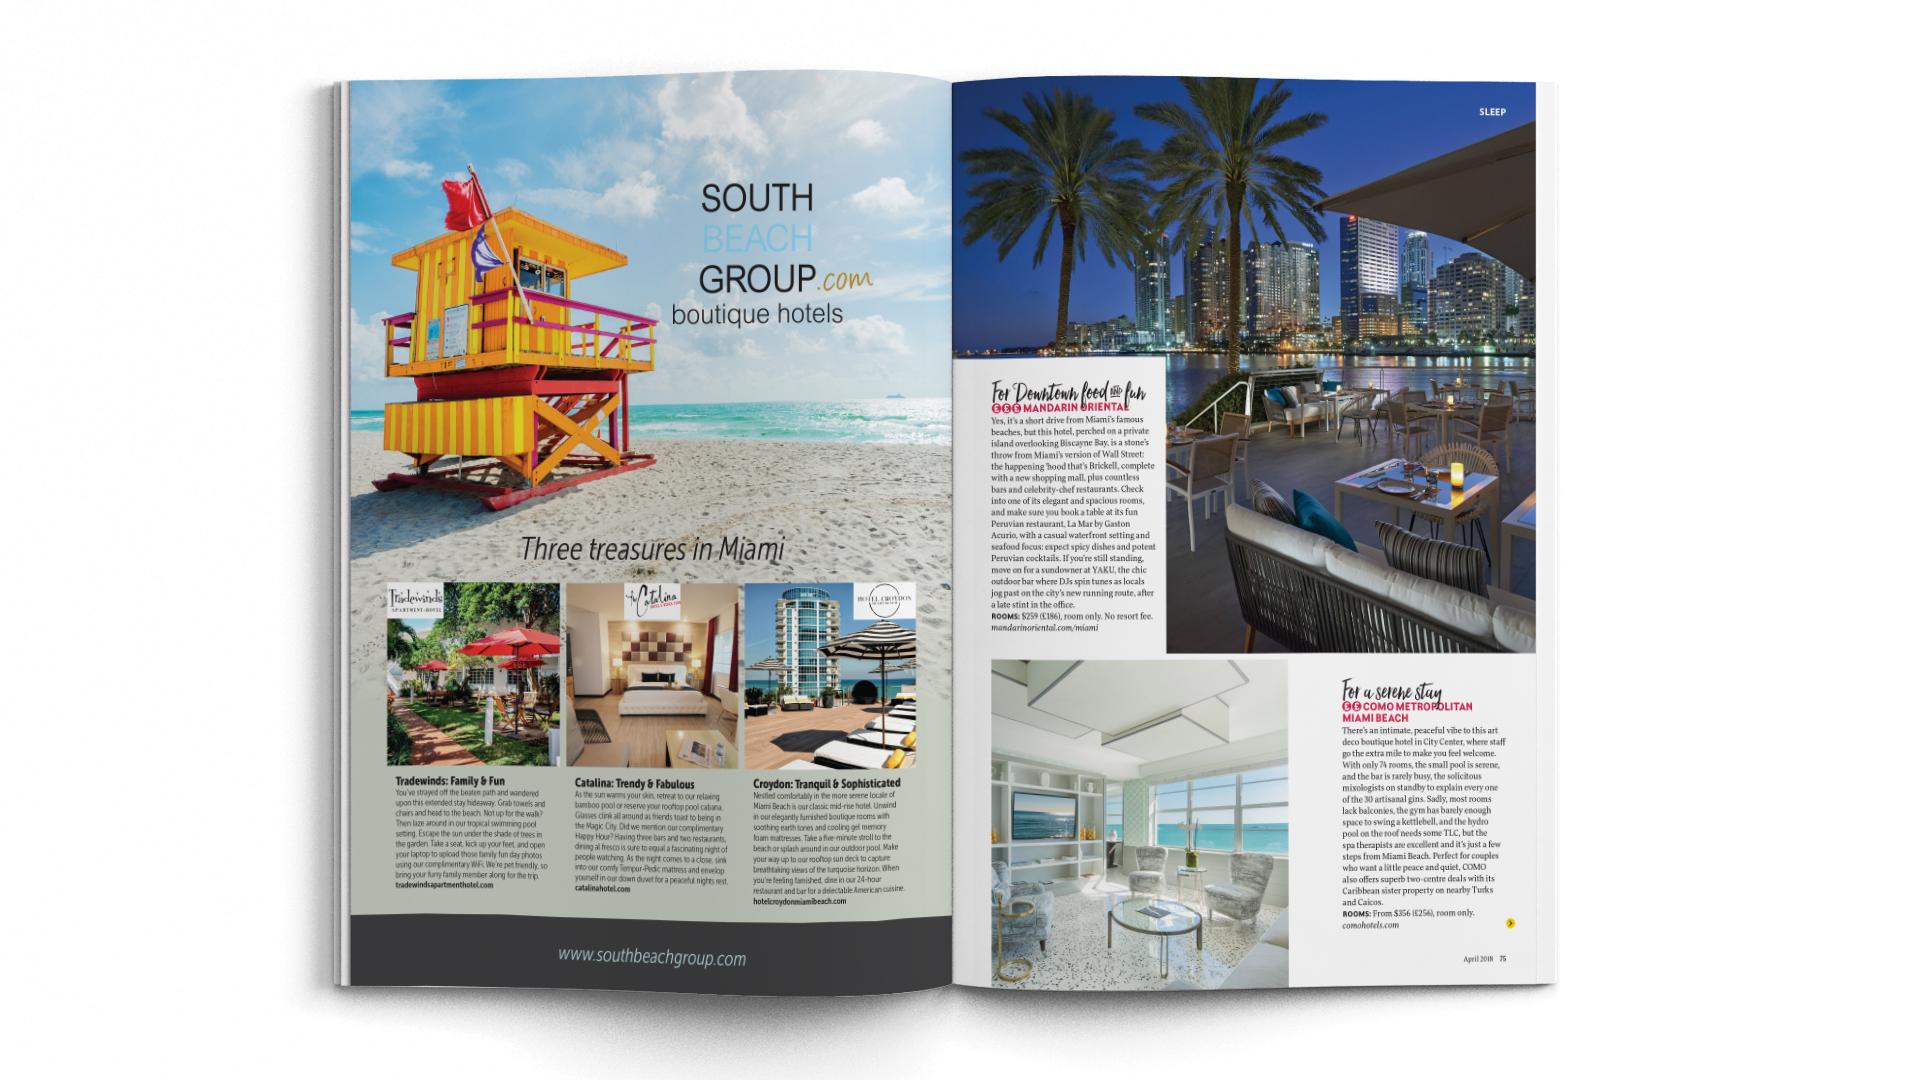 A4-Magazine-DPS-NGT-CL-Sleep-Miami-3